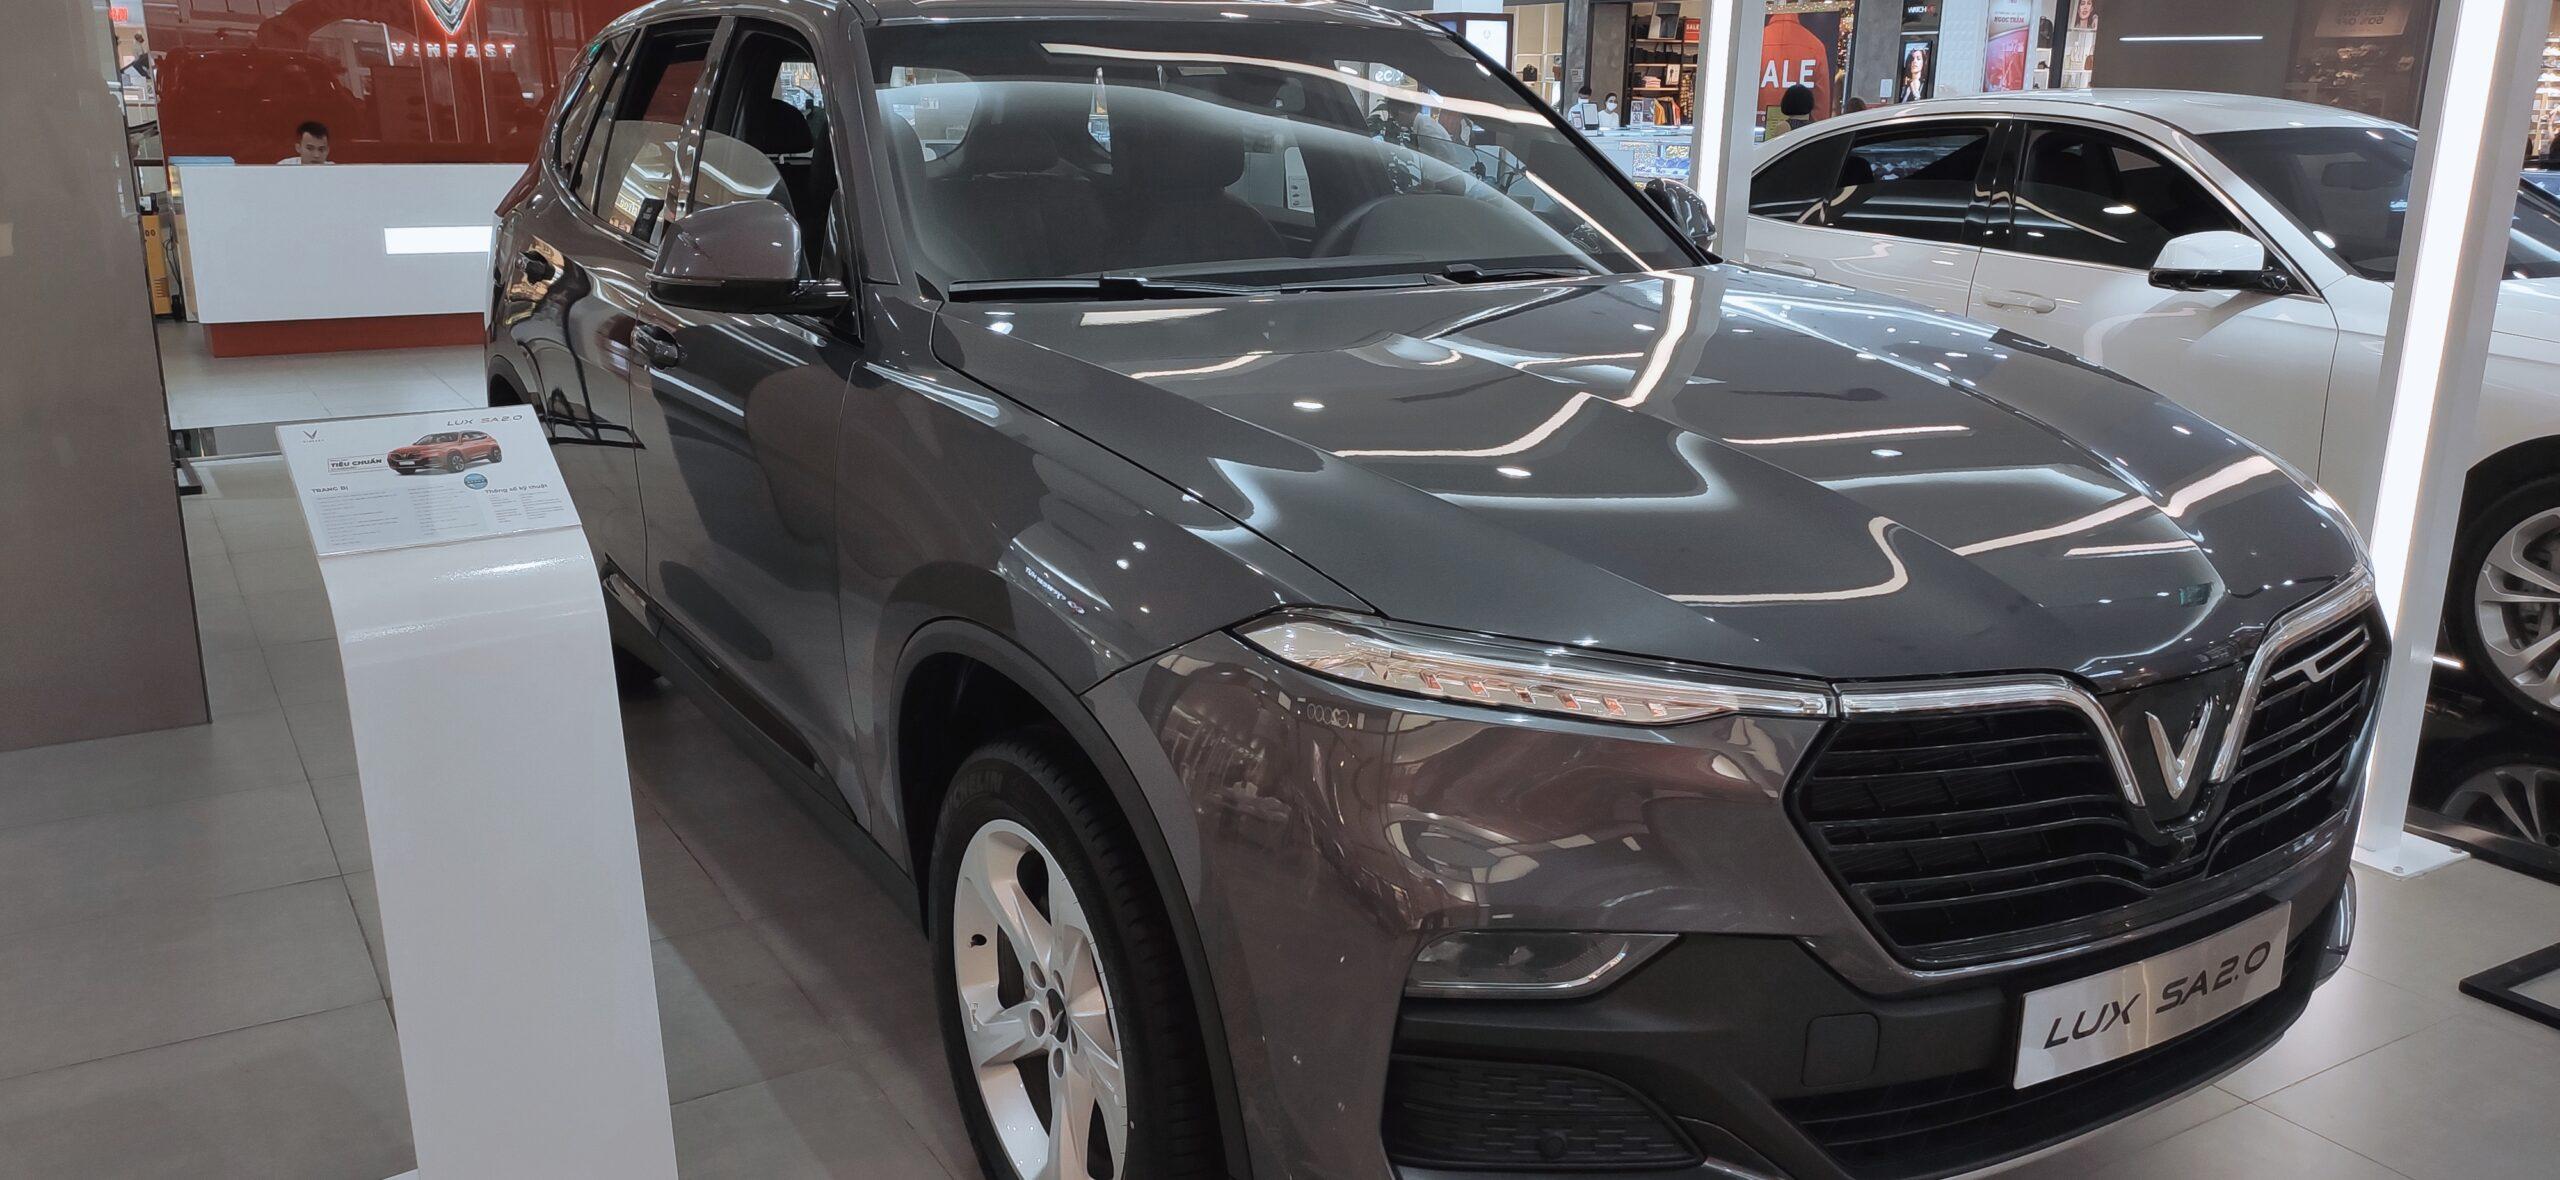 xe vinfast lux sa2.0 màu xám bản tiêu chuẩn